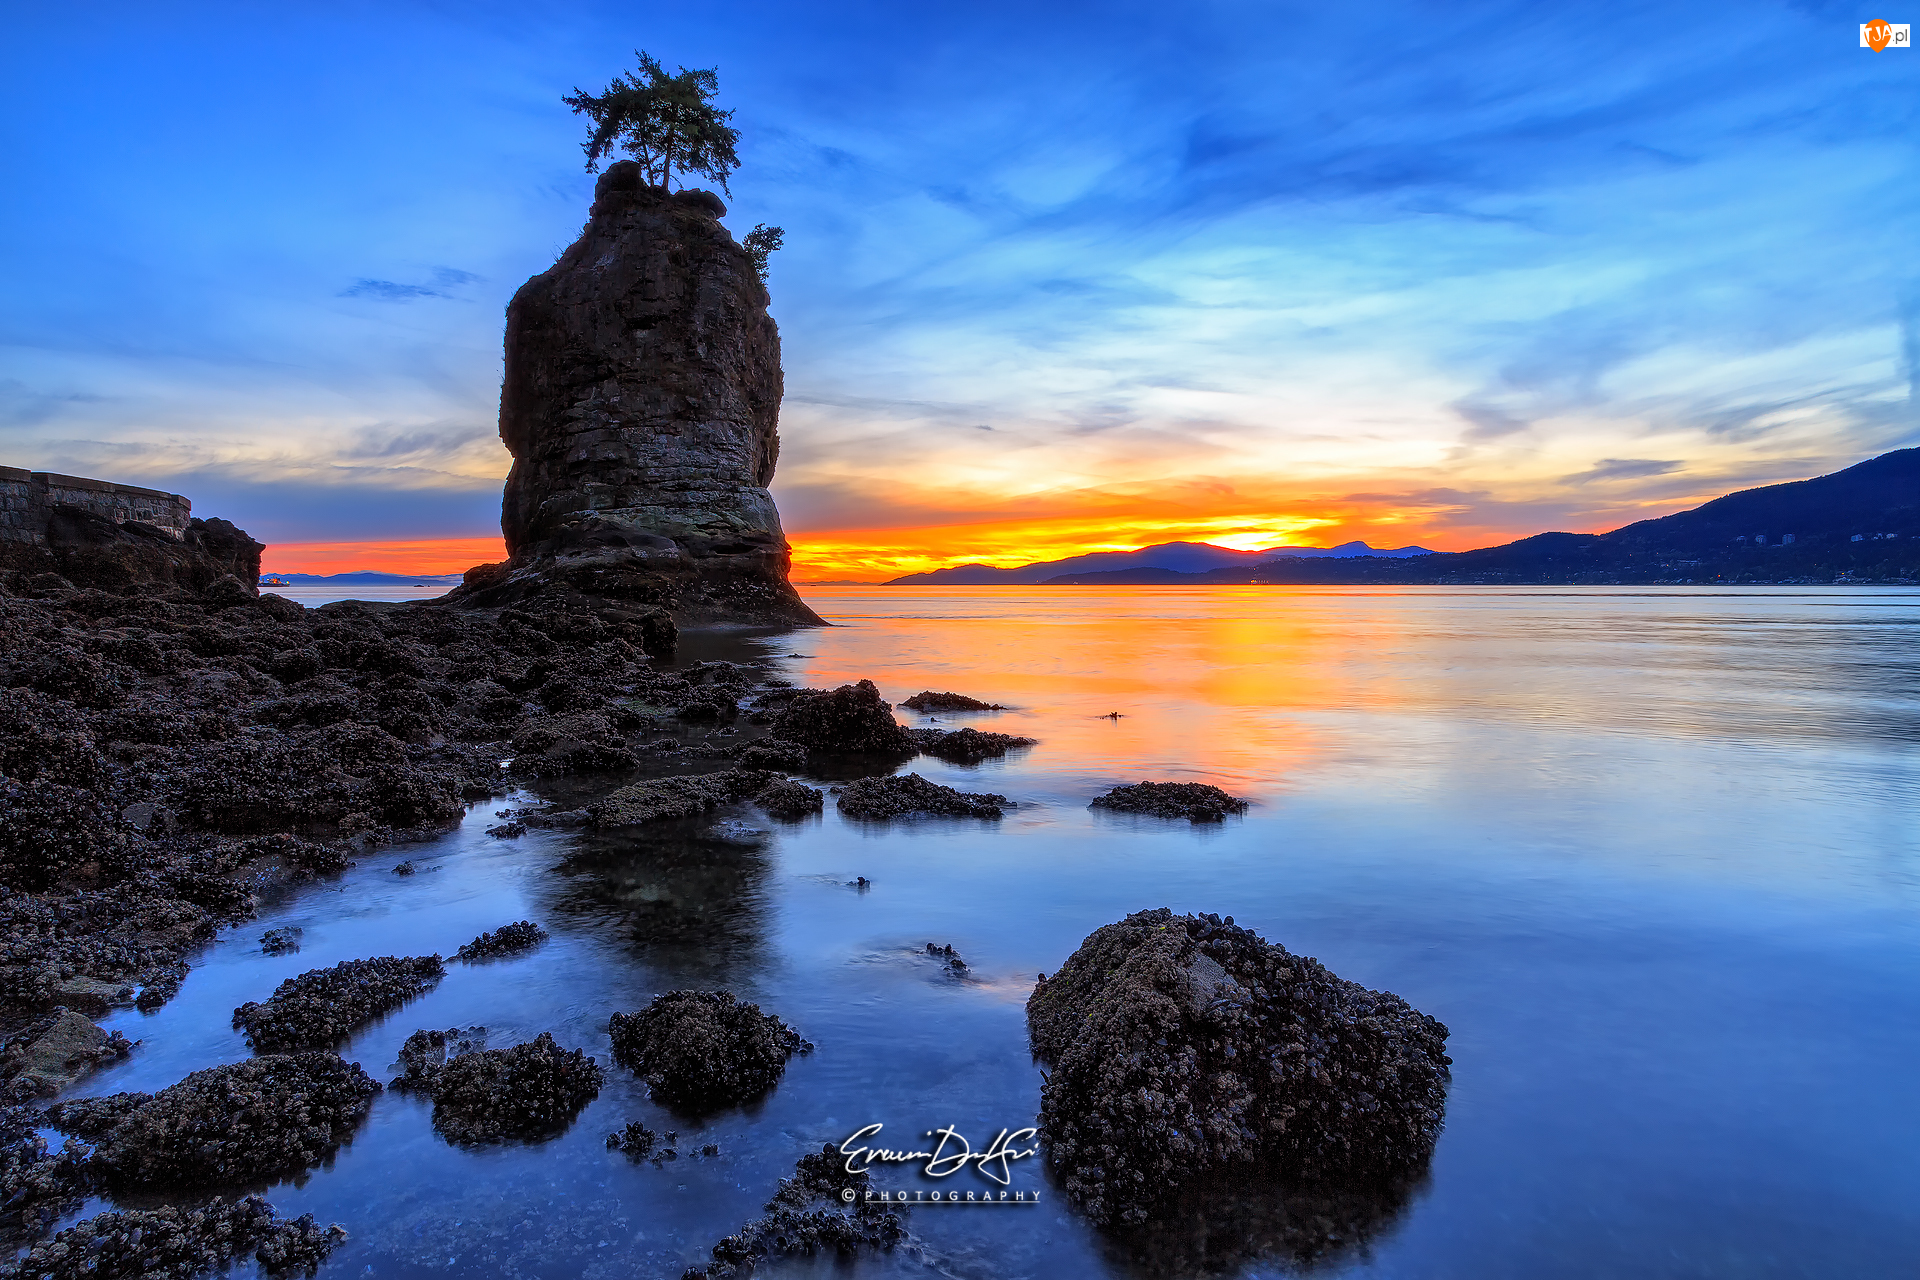 Siwash Rock, Morze, Stanley Park, Vancouver, Skały, Punkt obserwacyjny, Kanada, Wschód słońca